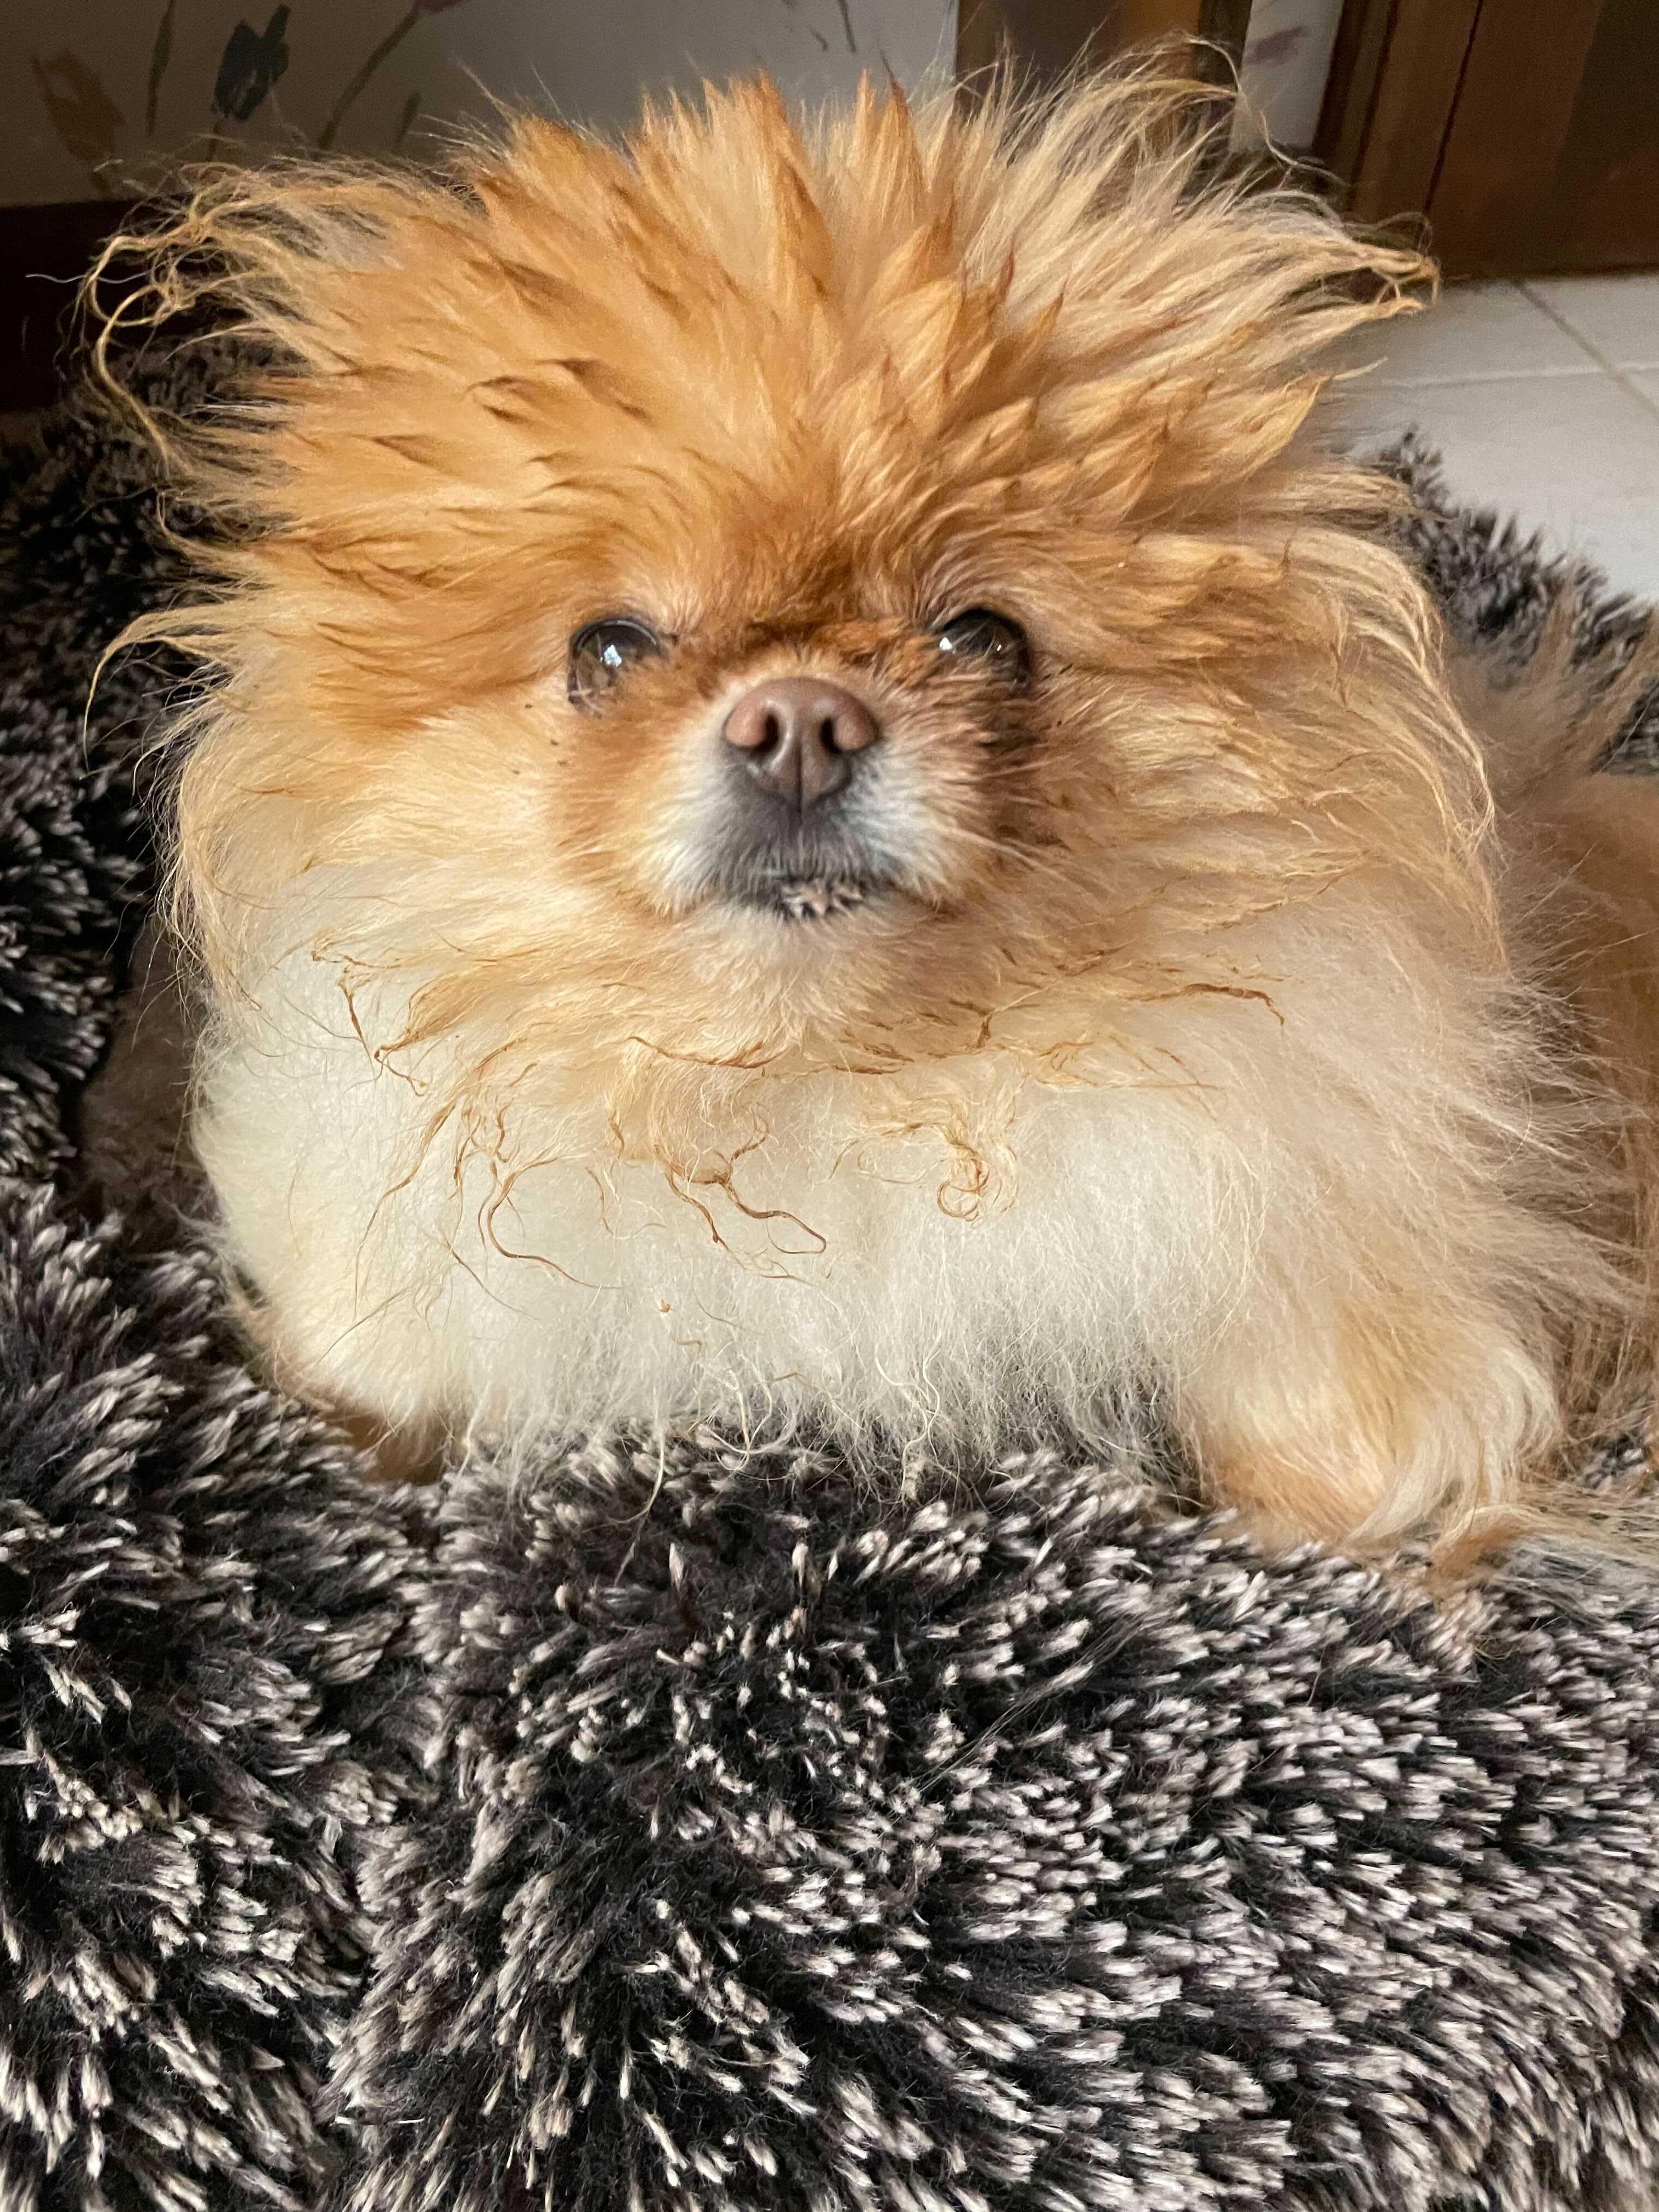 Lola before bath time.